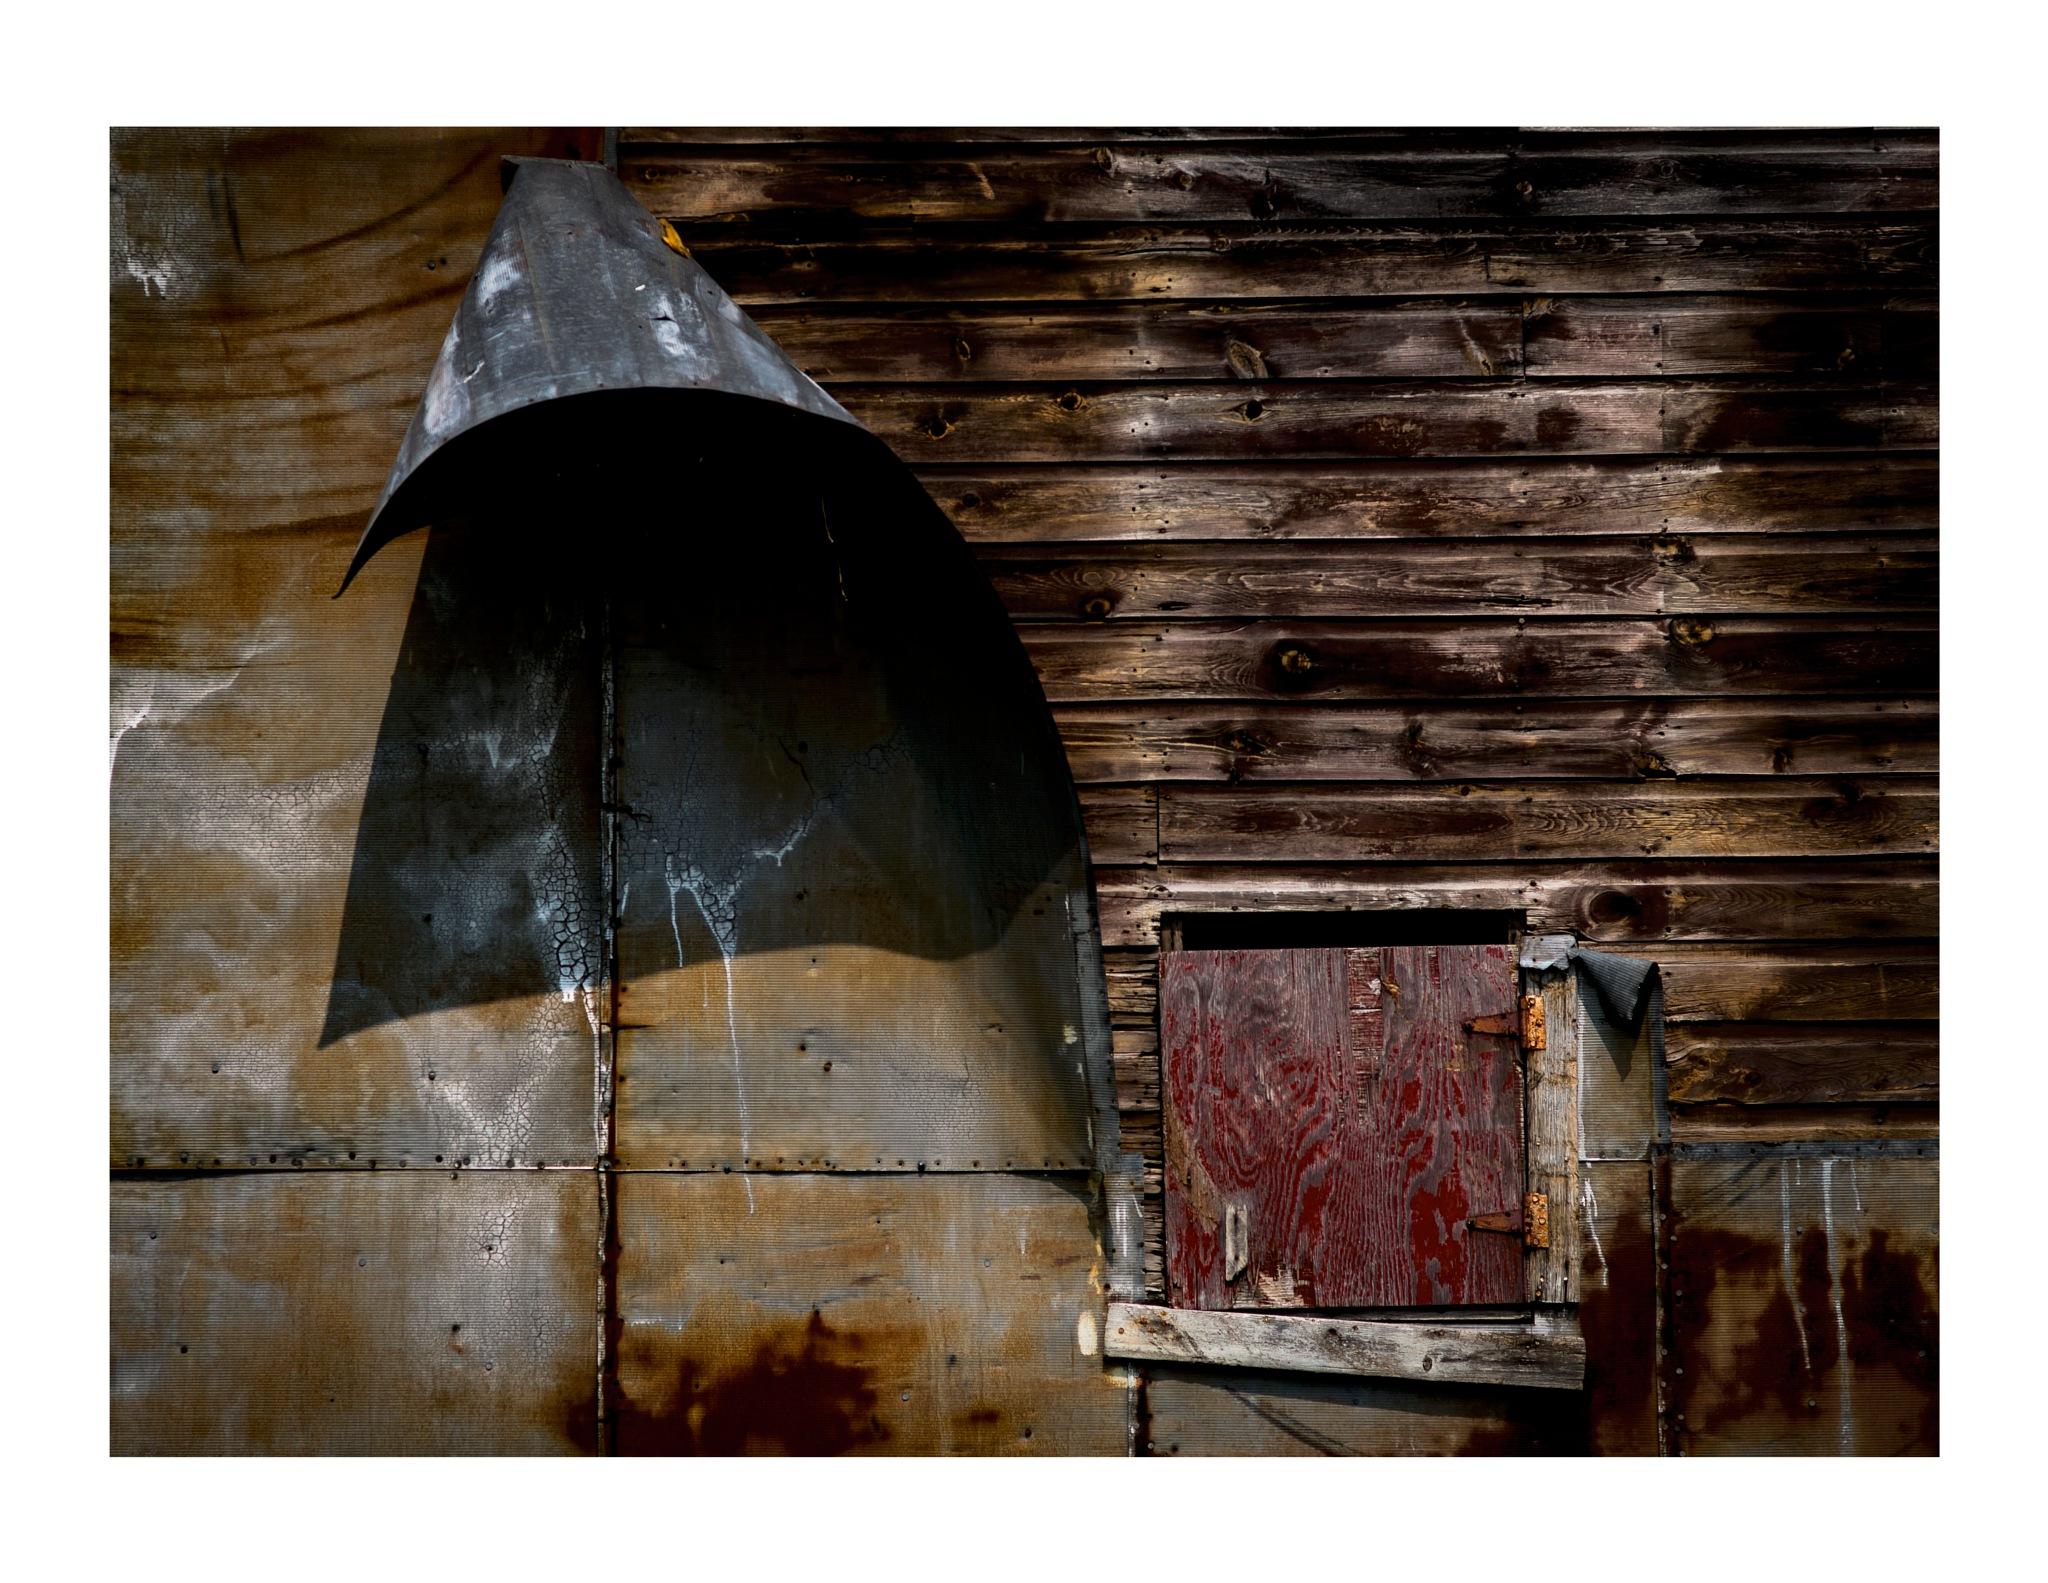 Barn wall abstract by jhulton